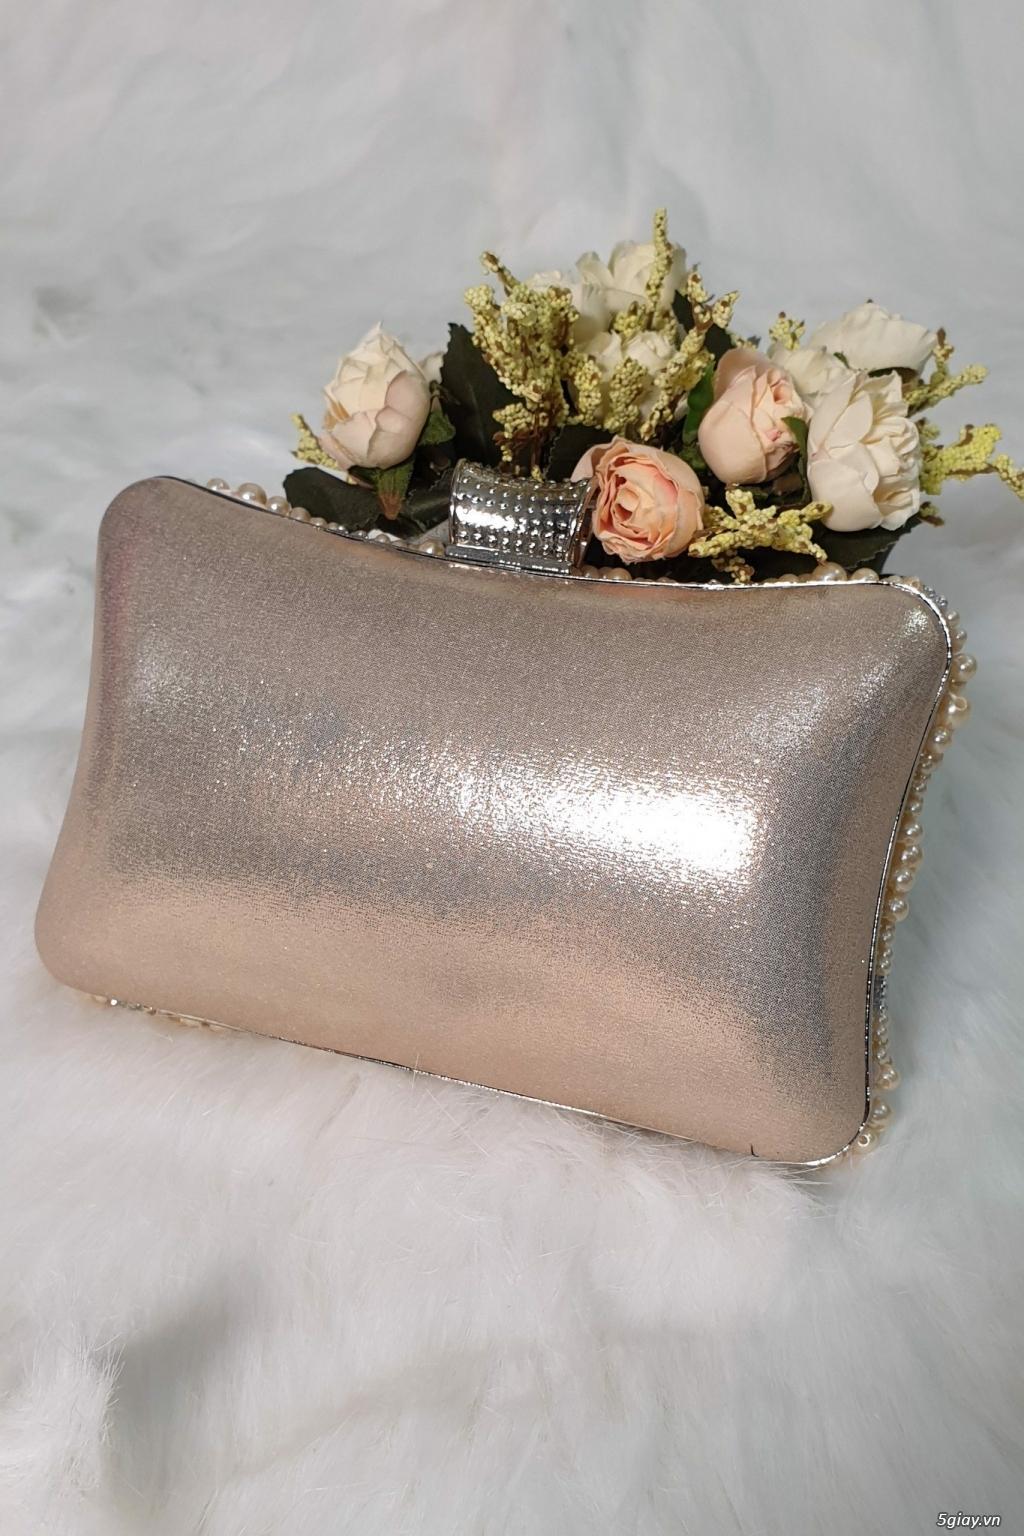 Wal House Fashion - Bóp ví túi xách thời trang - Giá ưu đãi - 33